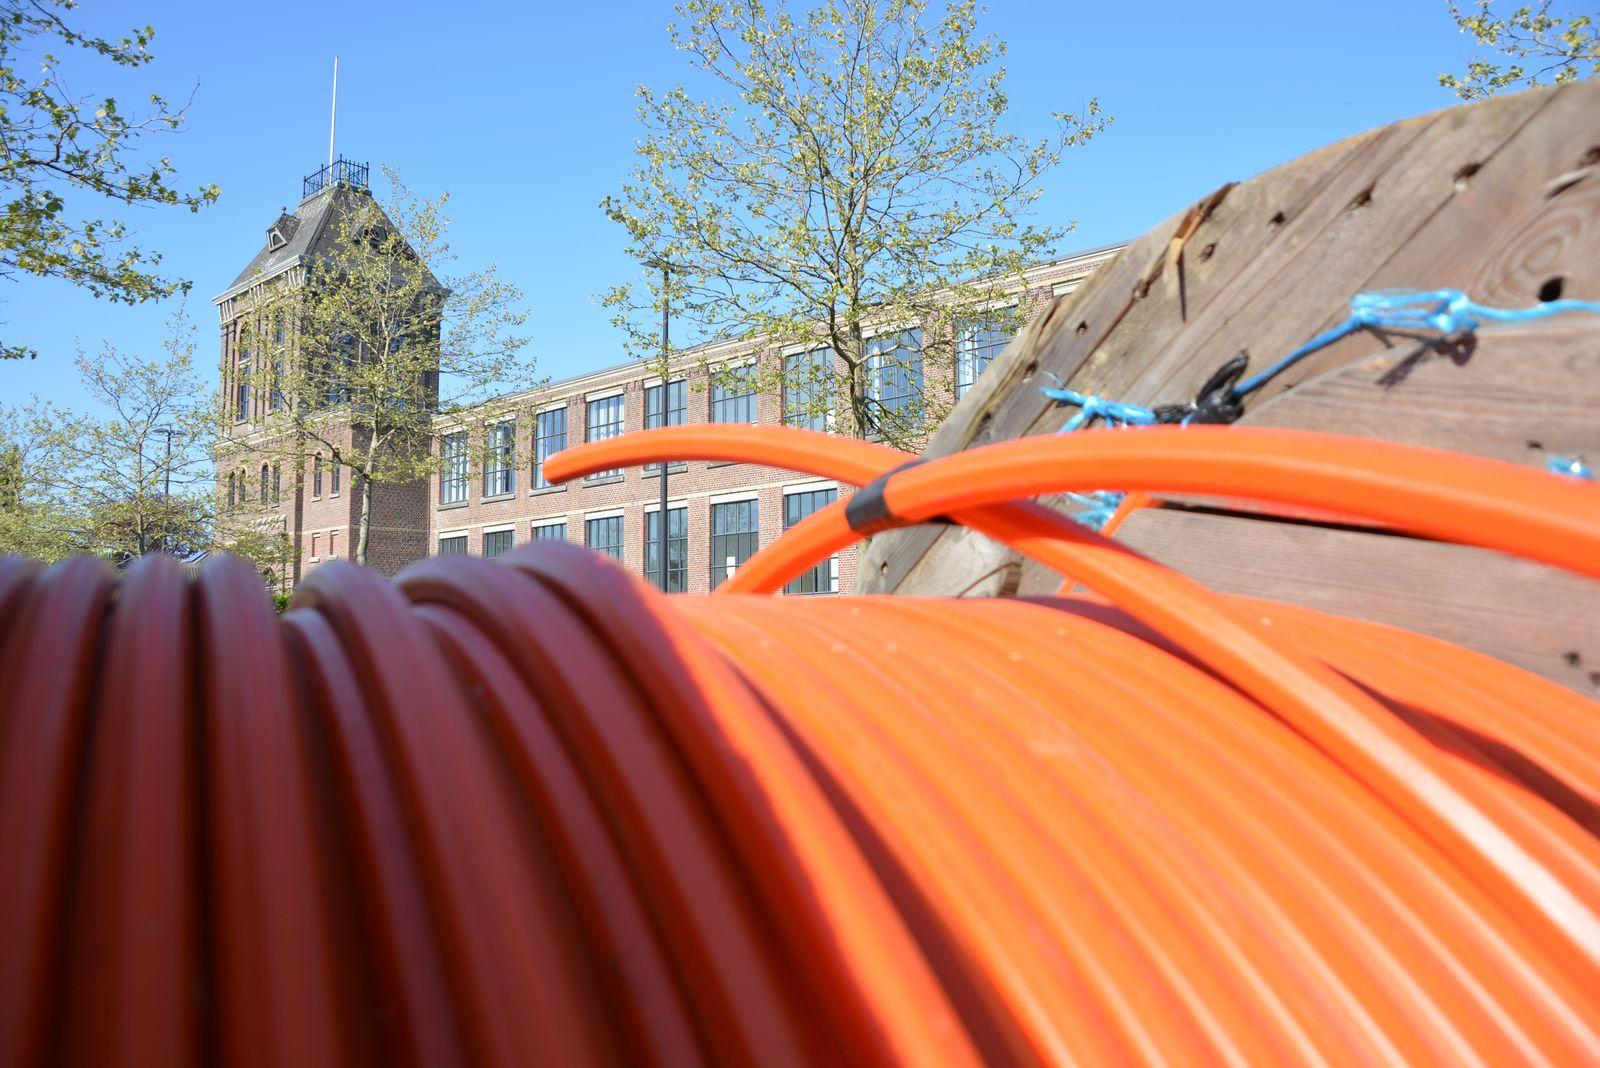 Glasfaseranbindung ist für alle Schulen im Kreis Coesfeld gesichert